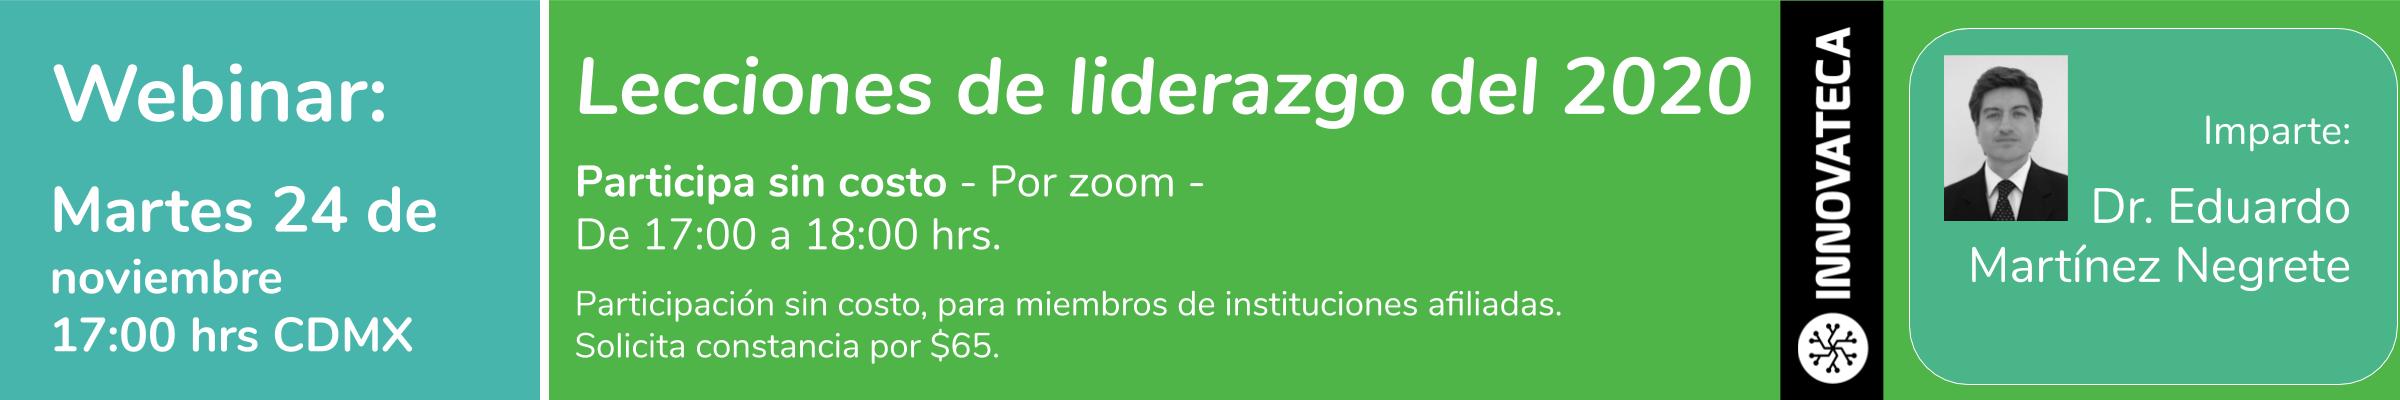 Webinar Innovateca Lecciones de Liderazgo 24nov